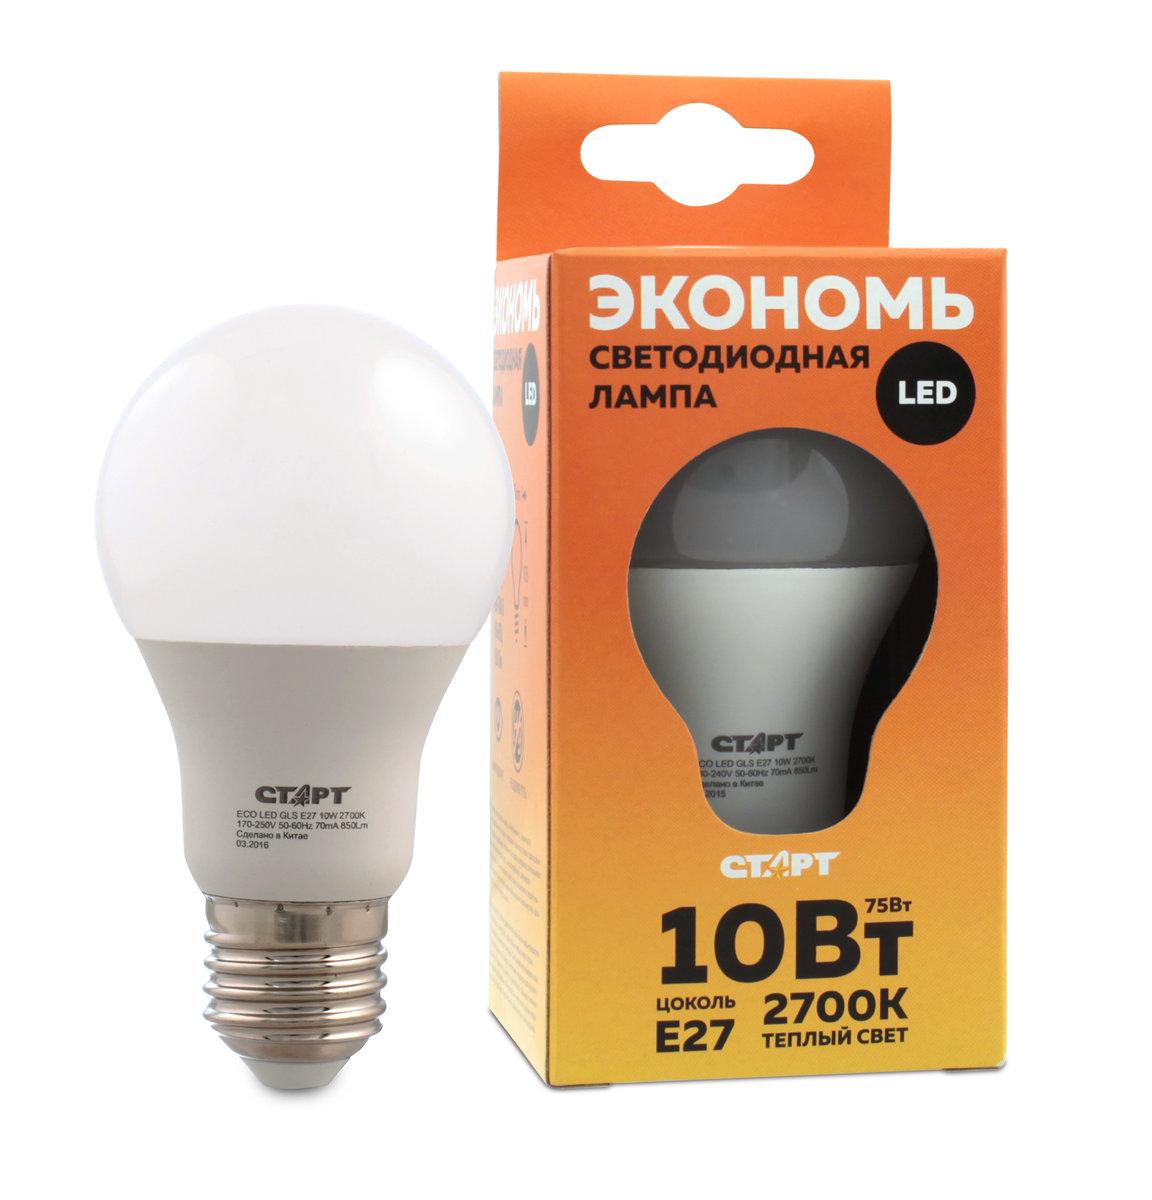 Лампа светодиодная СТАРТ Eco Лон, телпый свет, цоколь E27, 10W10662Лампа светодиодная СТАРТ Eco Лон, телпый свет, цоколь E27, 10W